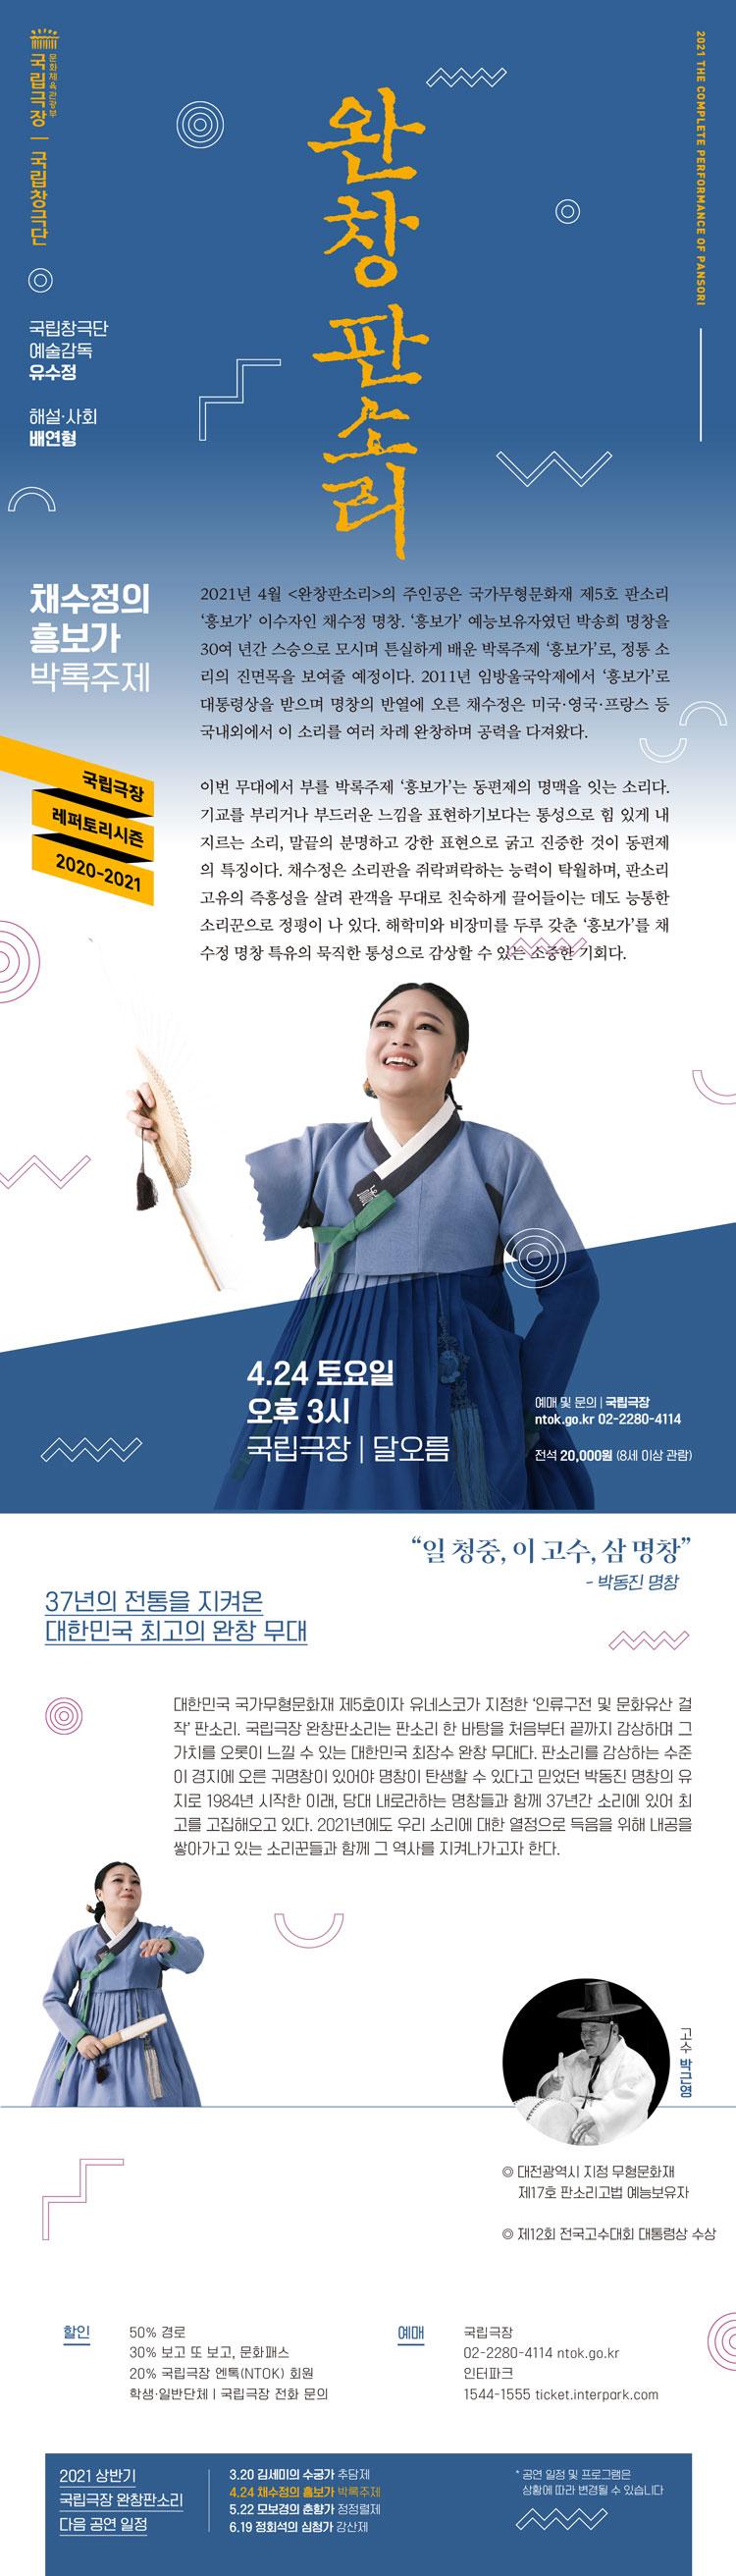 4월 24일 서울 국립극장 완창판소리 공연 '채수정의 흥보가 - 박록주제'